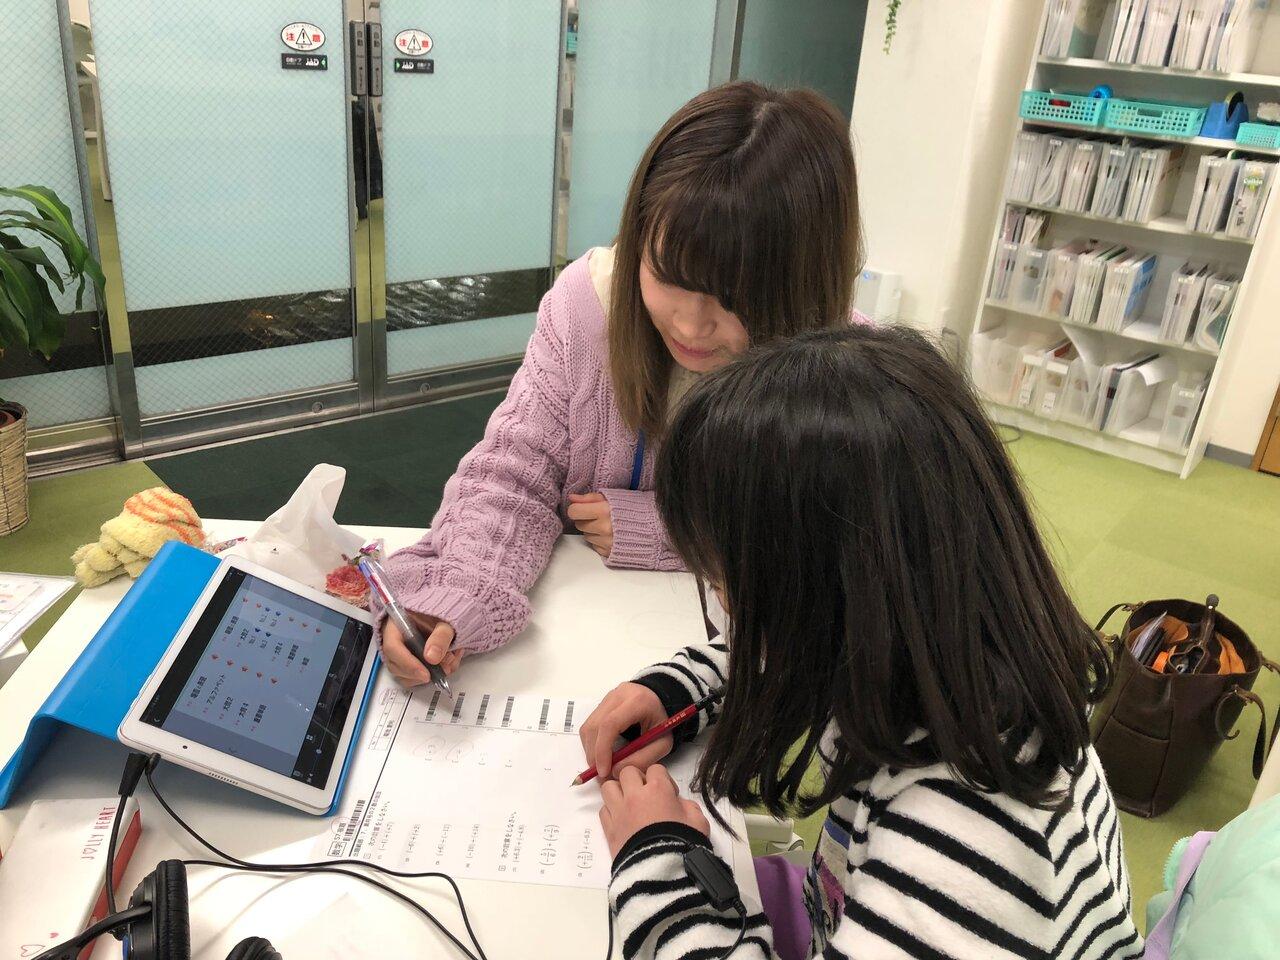 学習塾での嬉しい効果。「学研CAIスクール綾瀬校」の学習環境とは